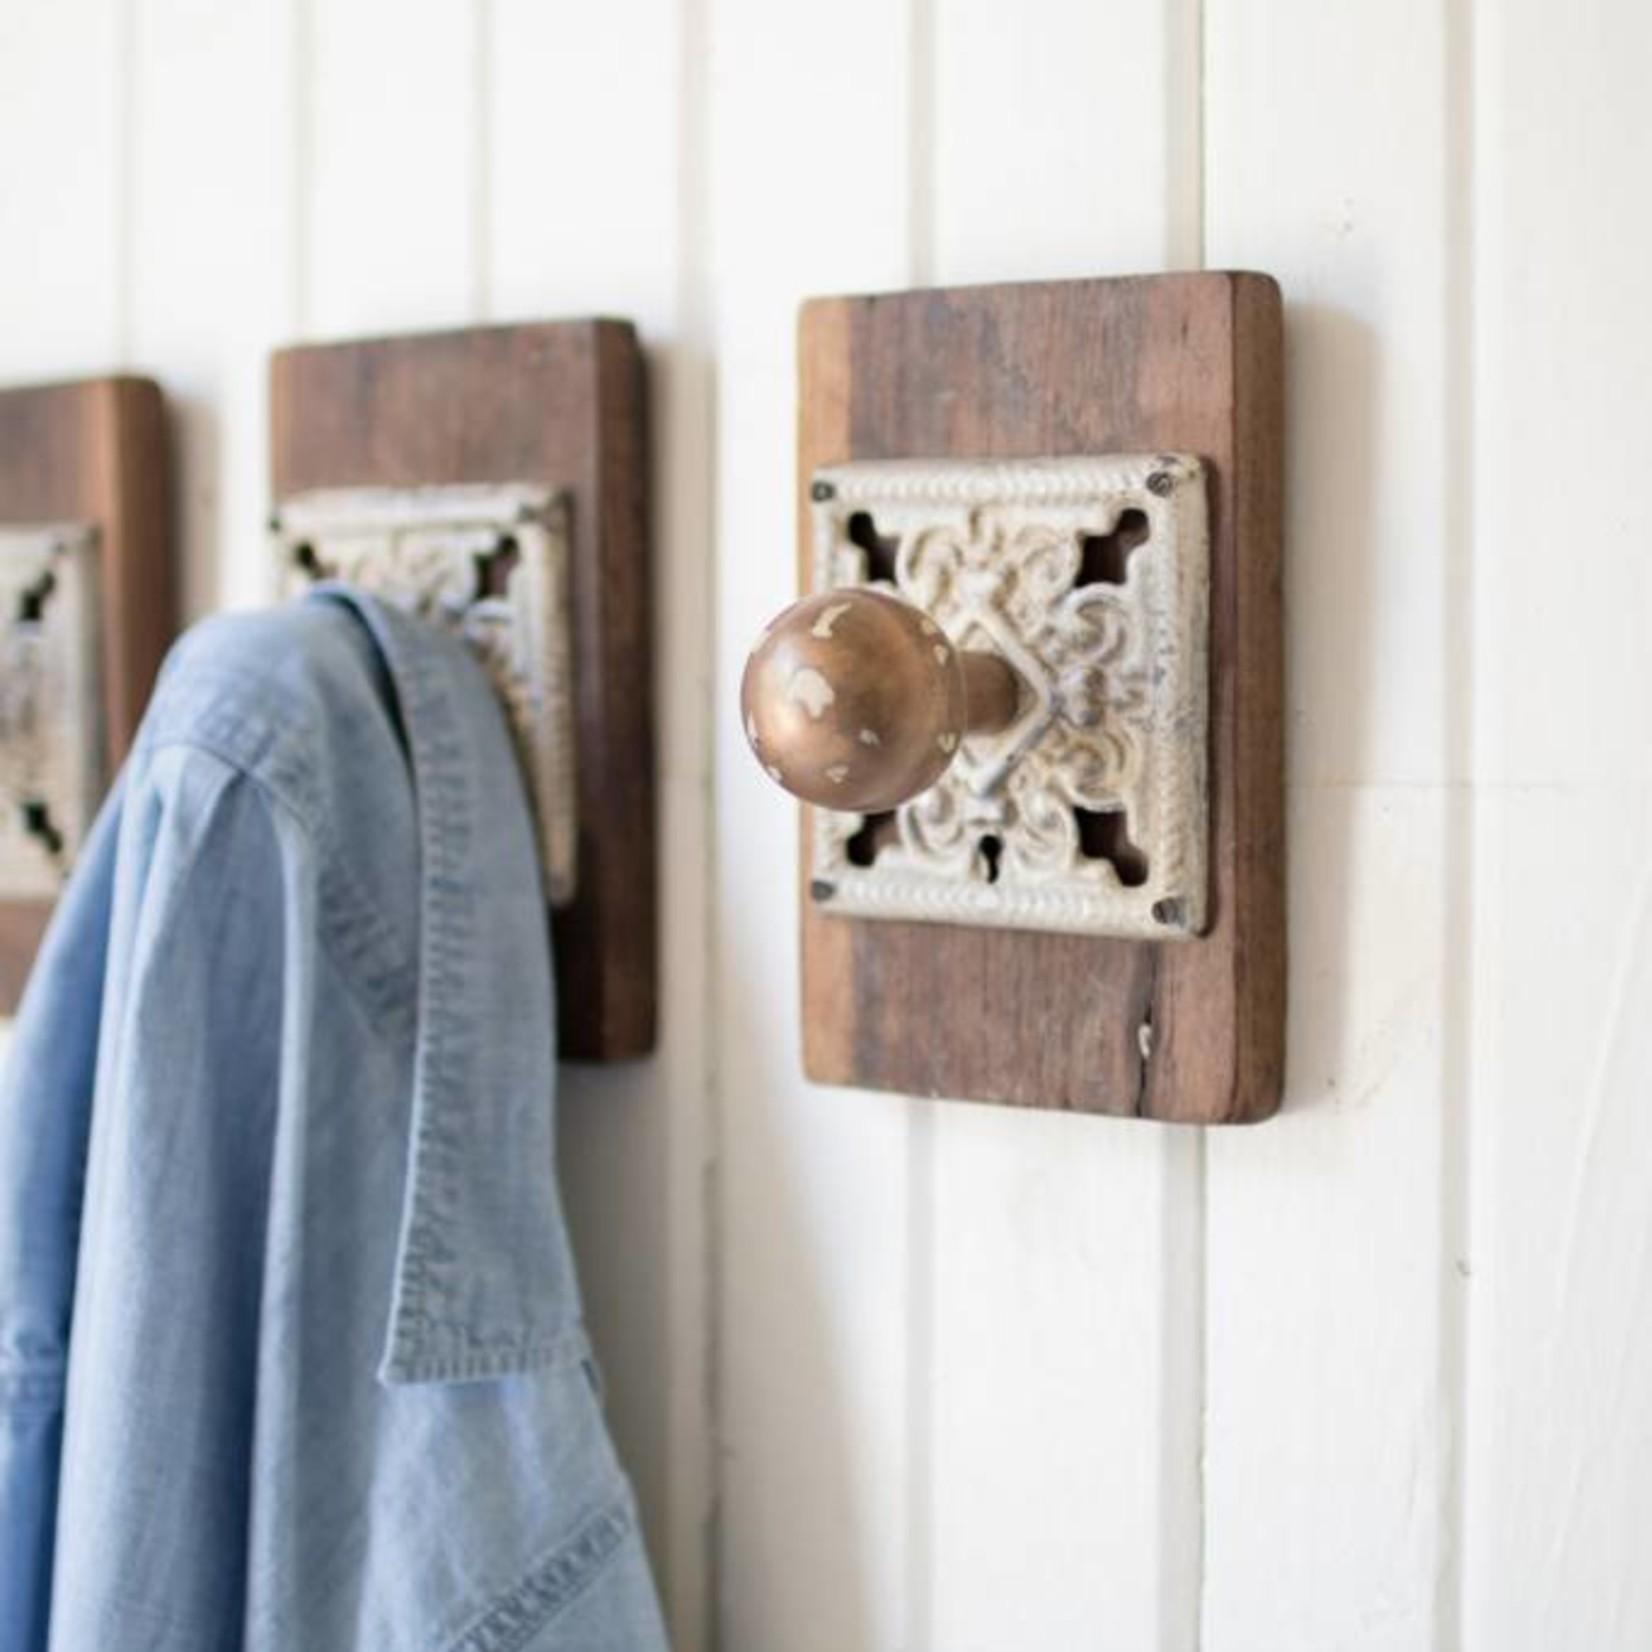 Iron and Wood Door Knob Hook NRAR1072